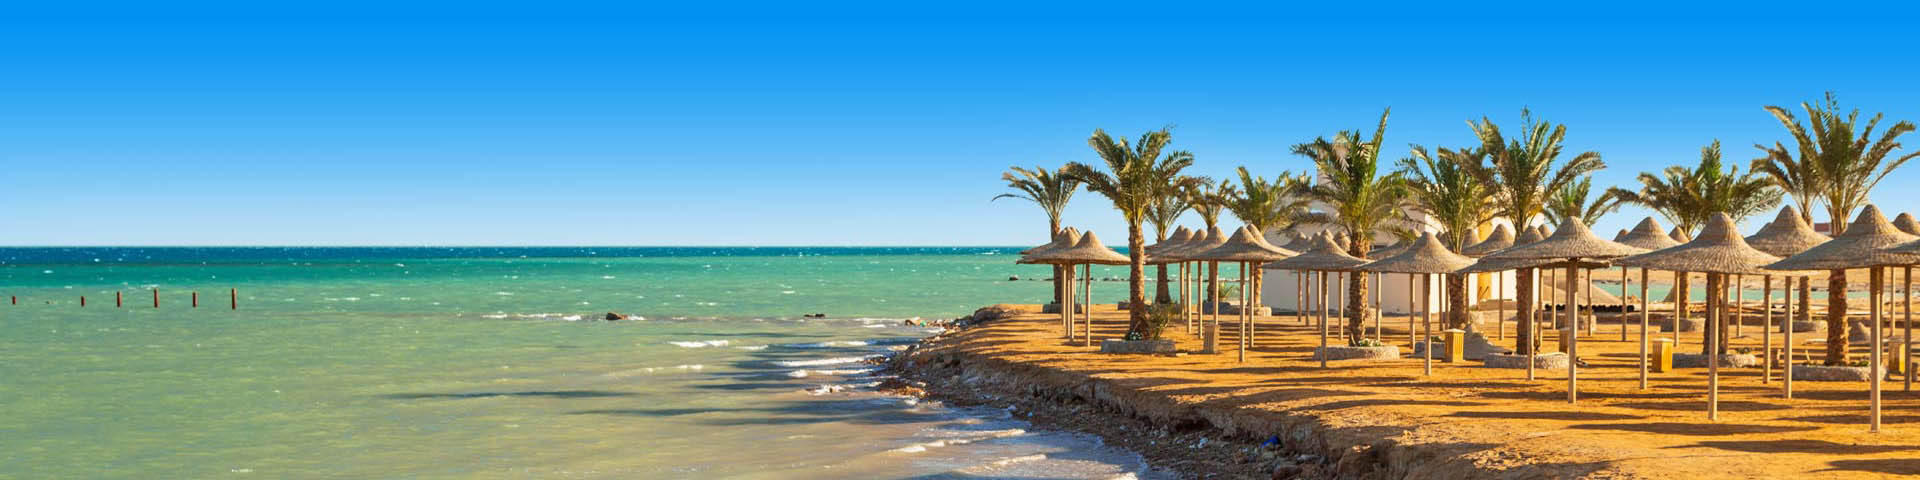 Strand met parasols, wuivende palmbomen en een blauwe zee